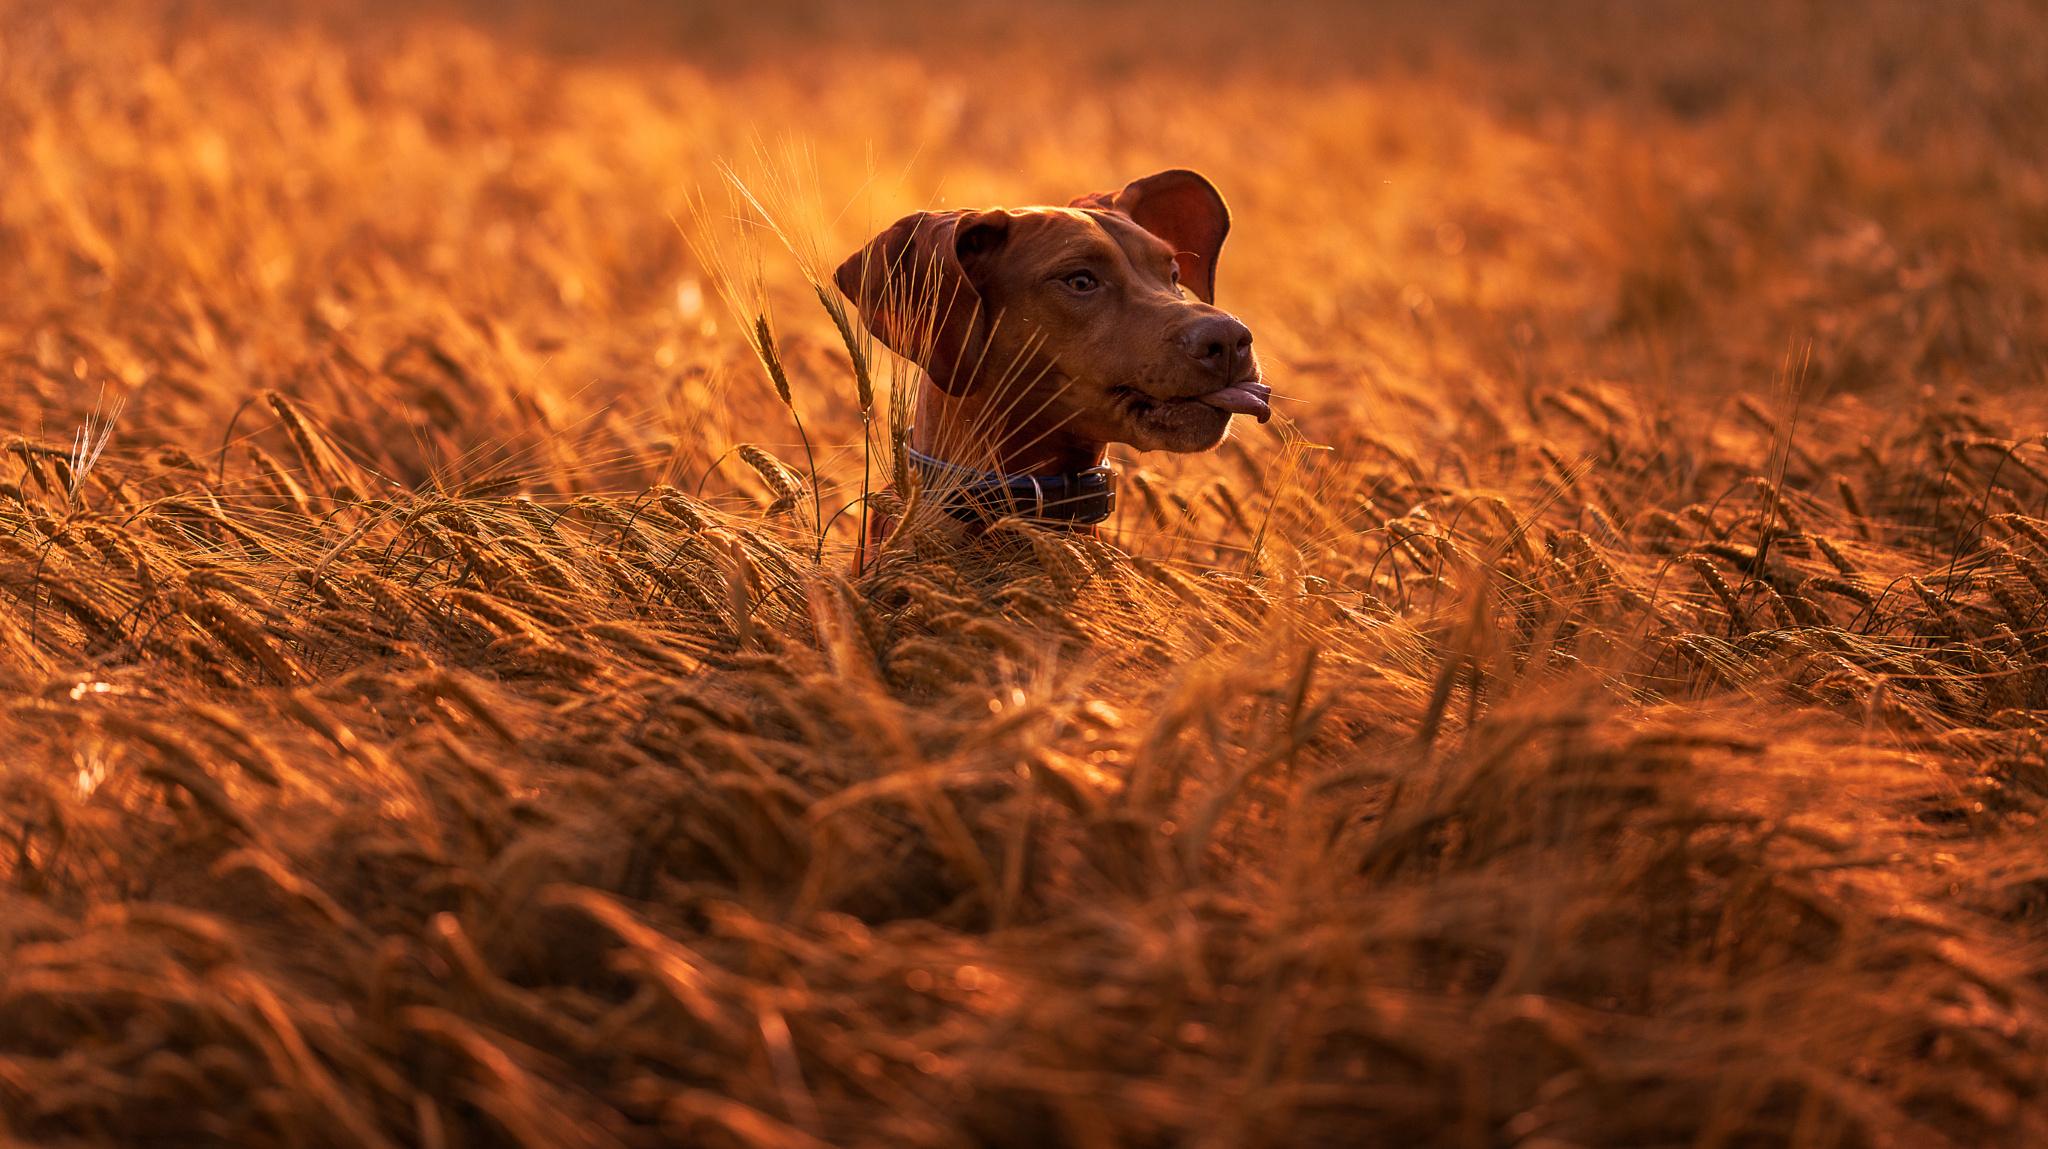 природа животные собака голова загрузить